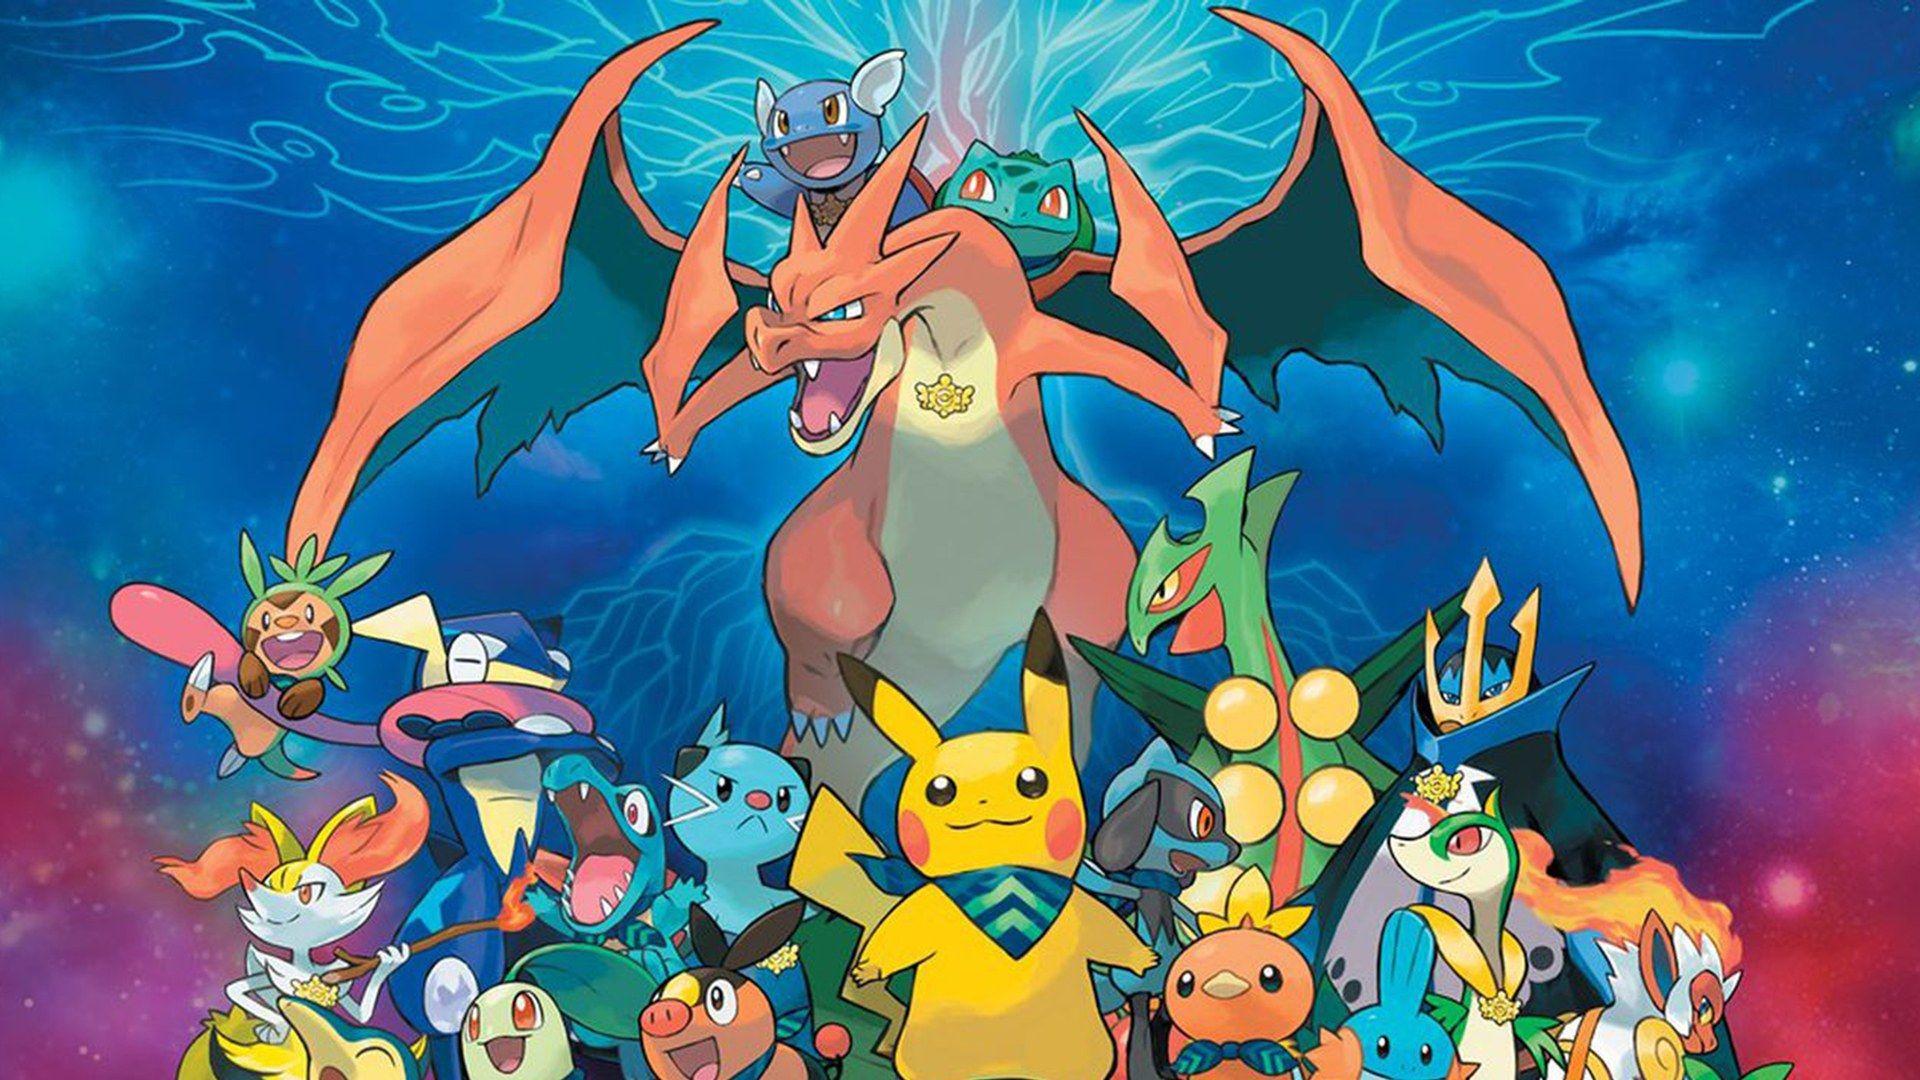 Super Pokémon Mystery Dungeon